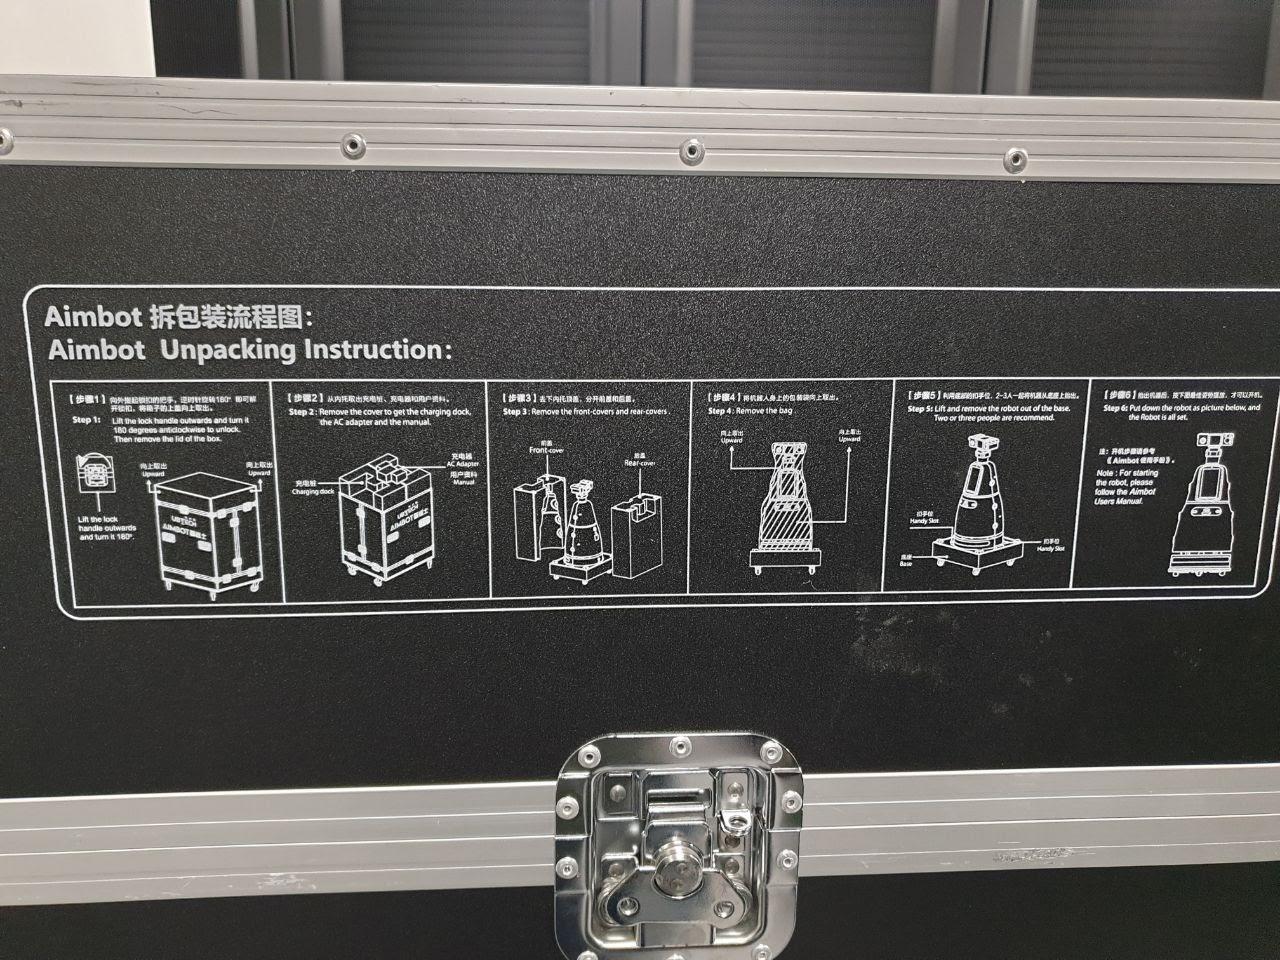 Будущее наступает: китайские роботы приехали в Россию - 4